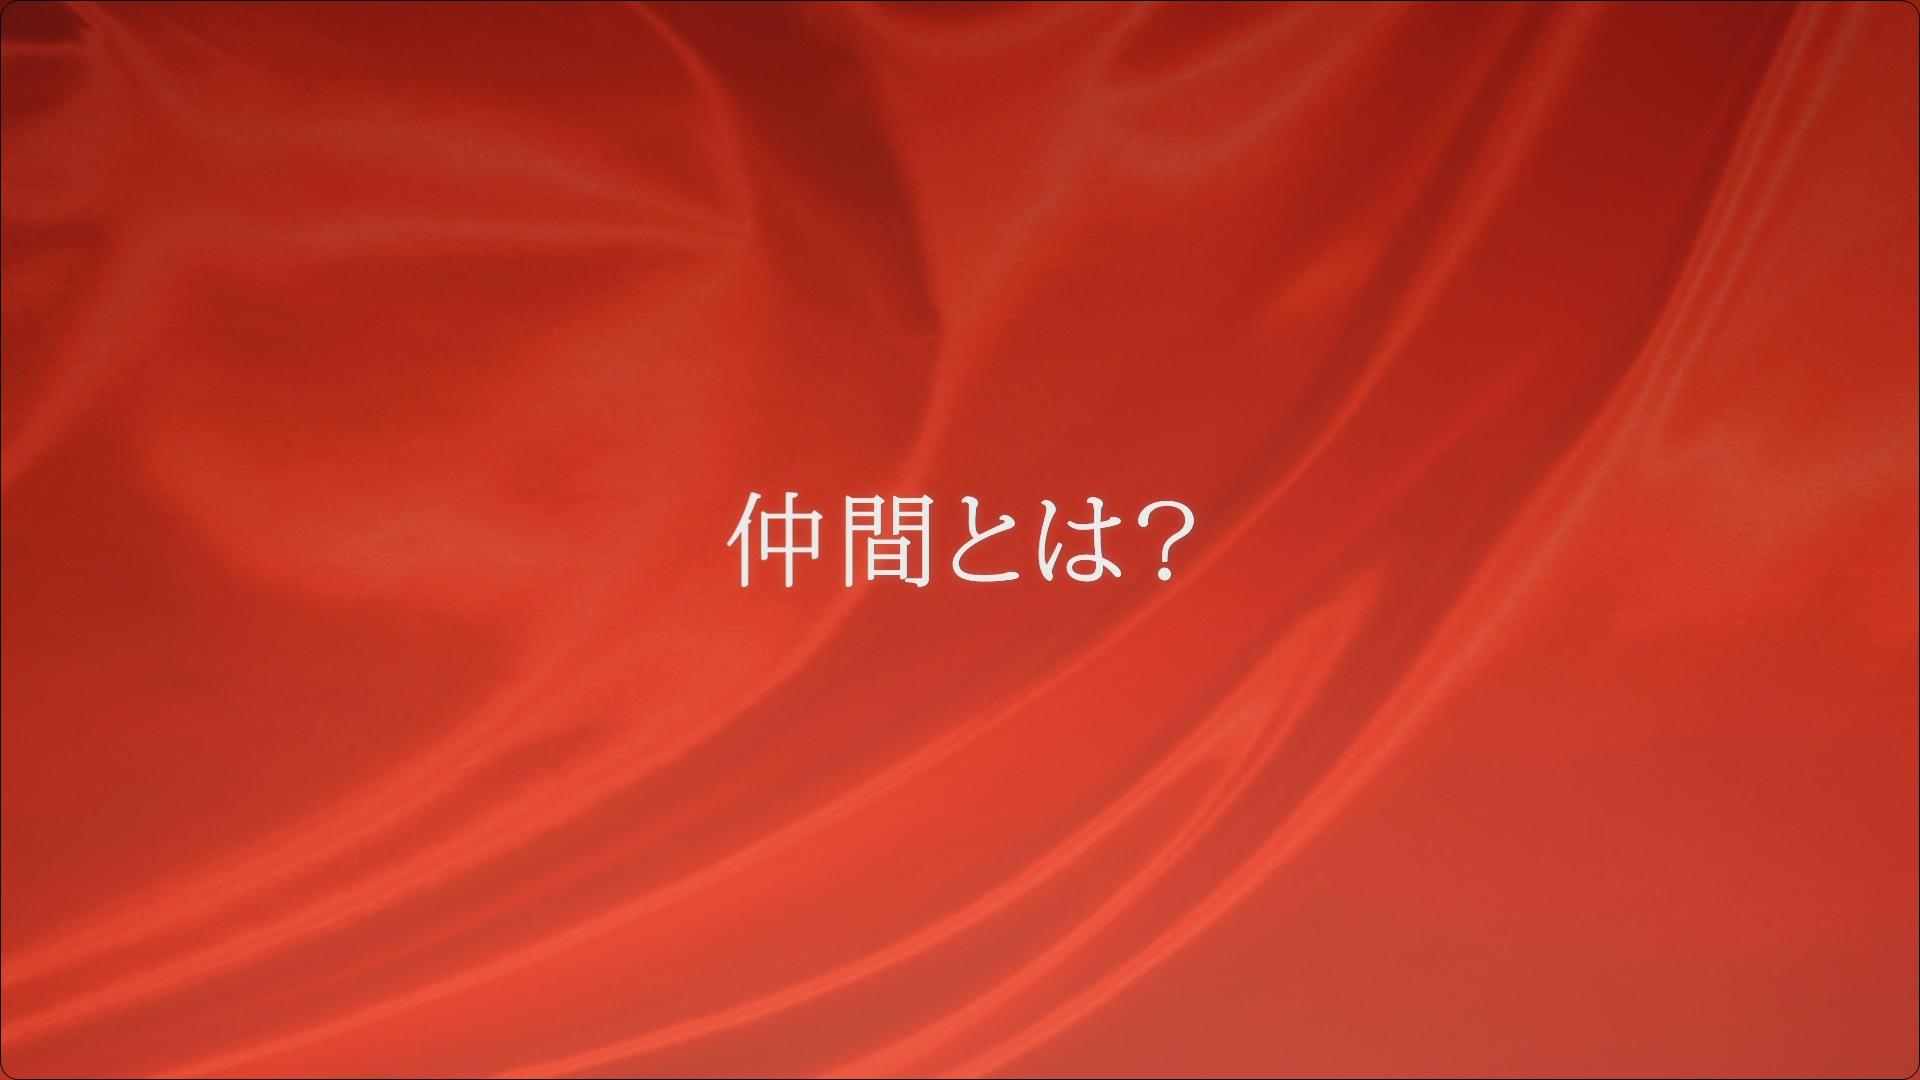 バイトルCMソング歌は誰?曲名歌詞は?ラグビー日本代表選手出演